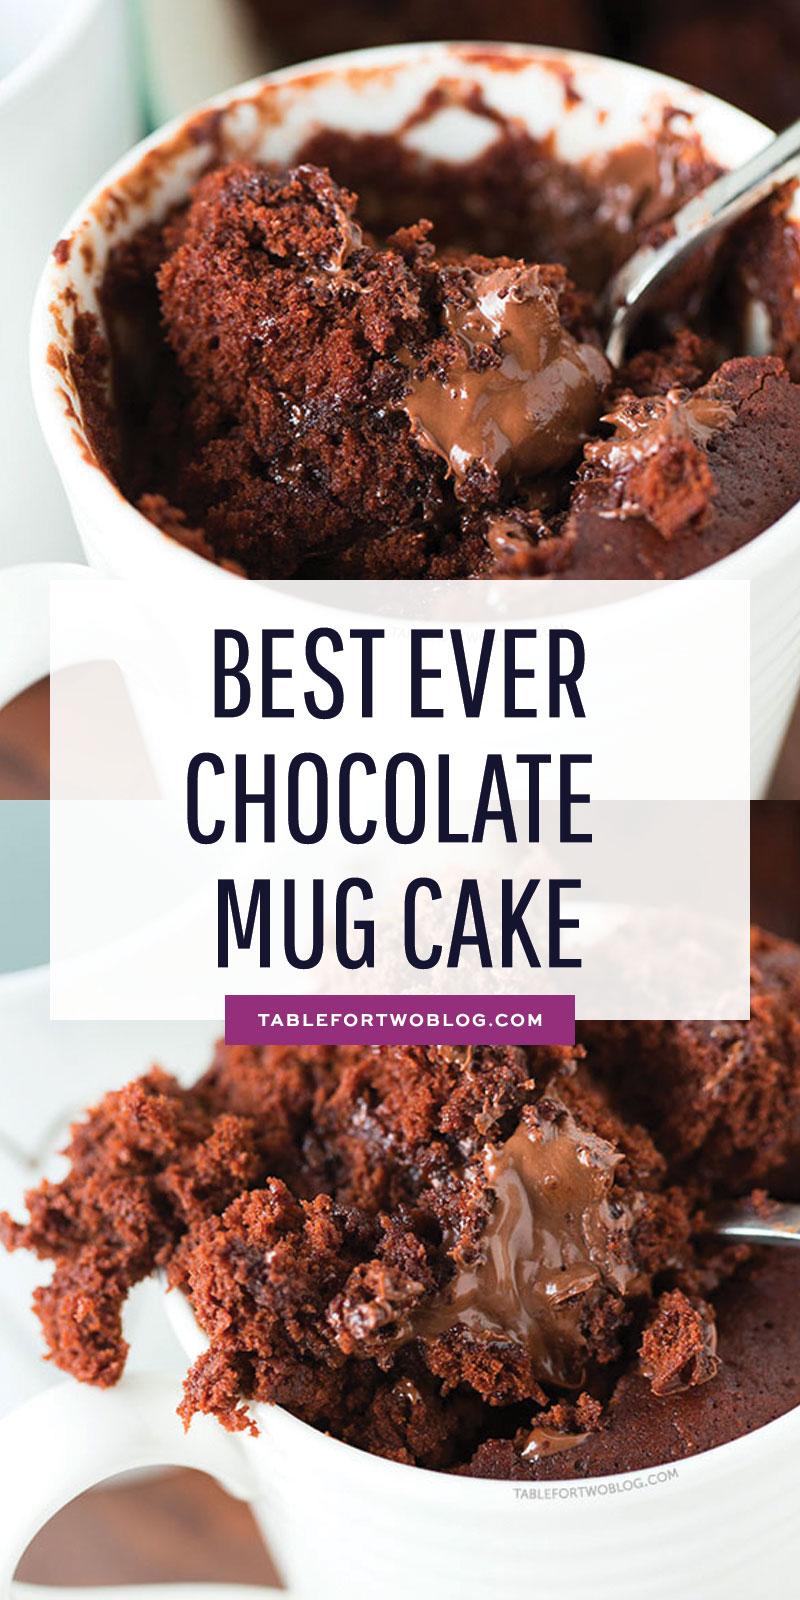 The Moistest Chocolate Mug Cake Mug Cake For One Or Two